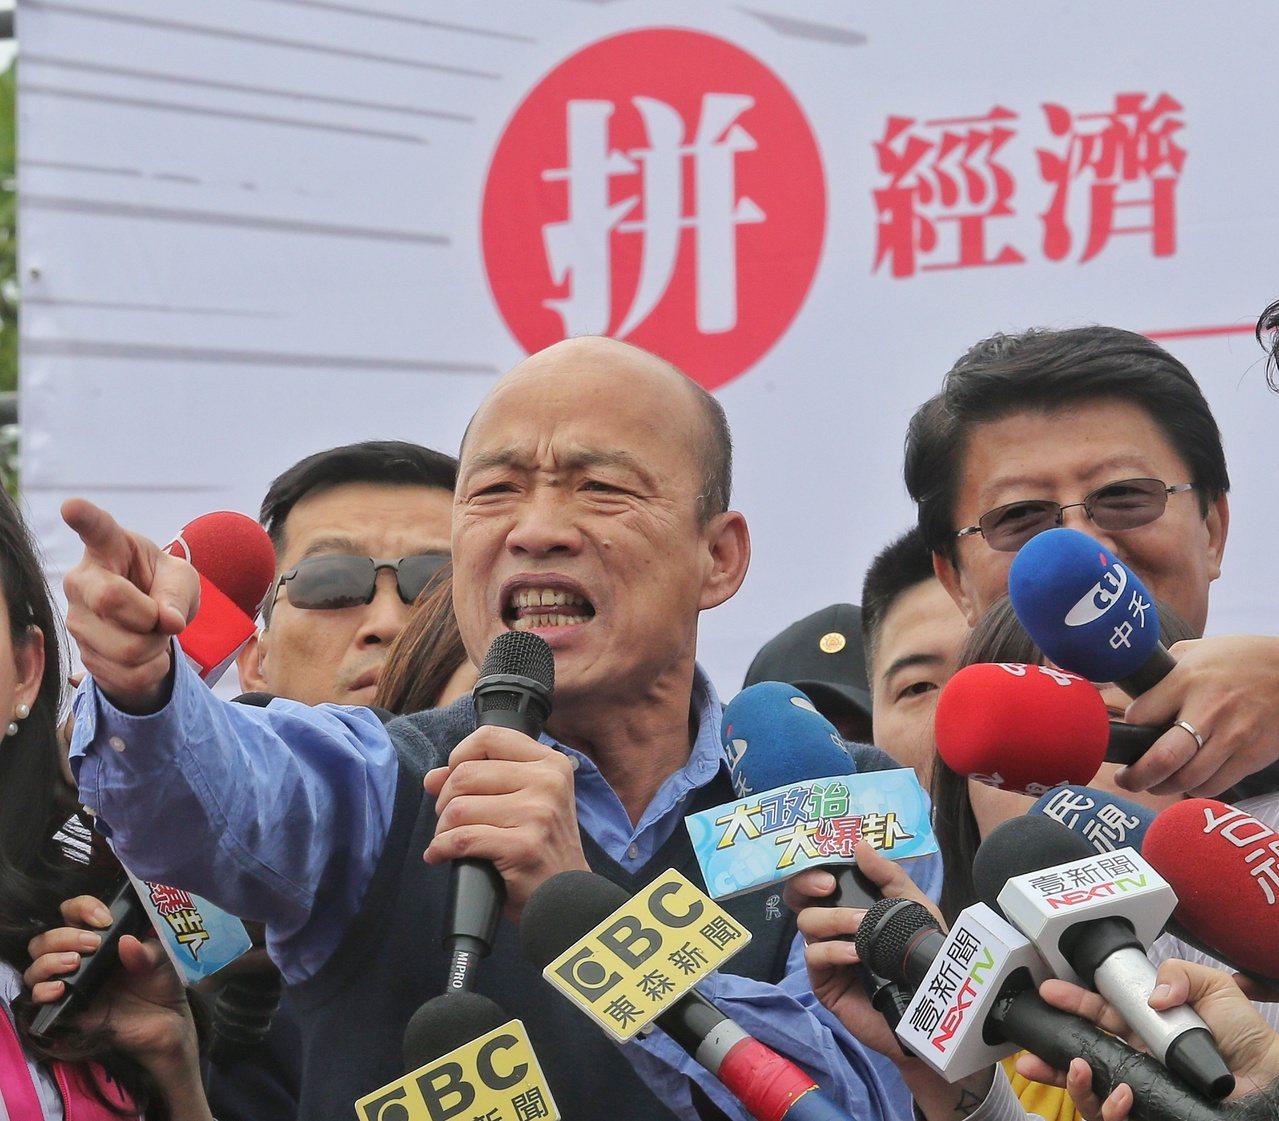 高雄市長韓國瑜(左)為國民黨立委補選候選人謝龍介(右)站台造勢。記者鄭清元/攝影